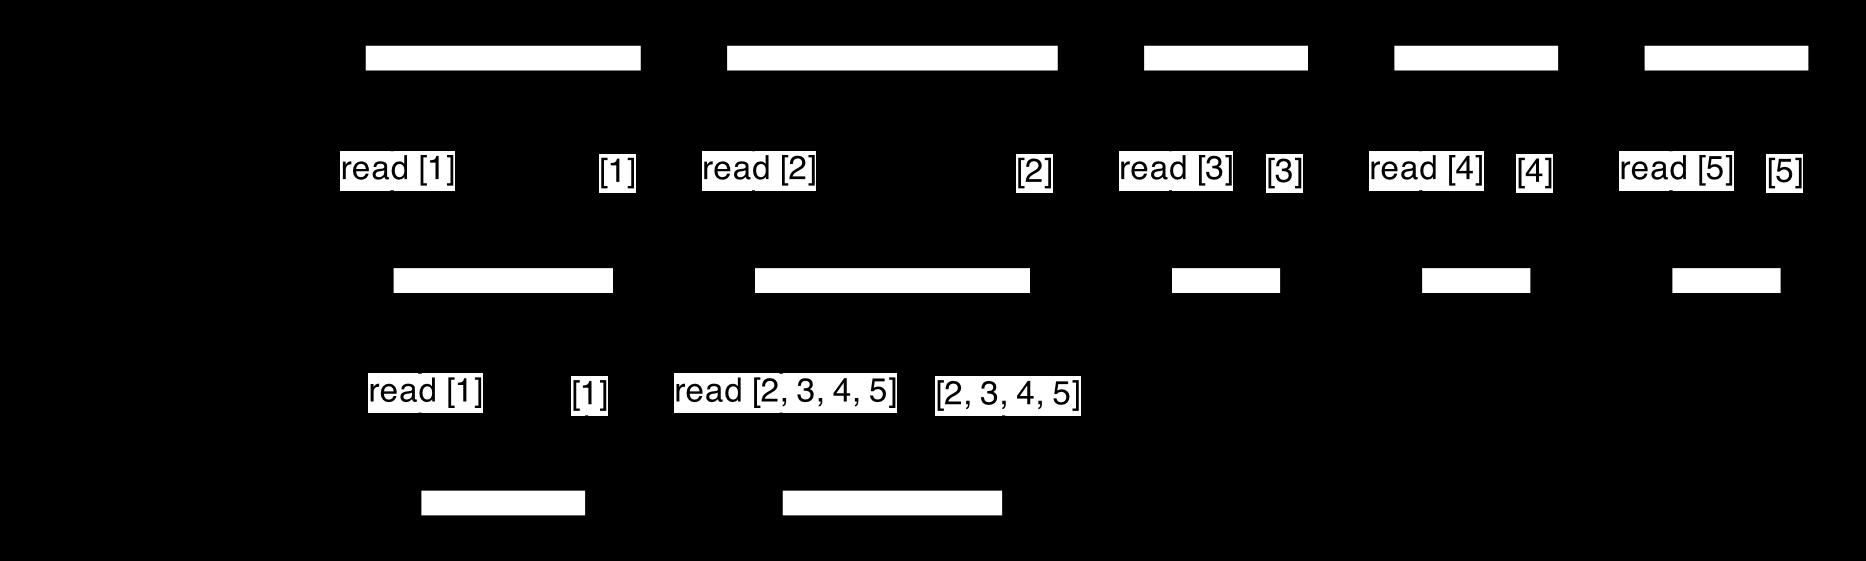 Работа с Незнайкой — технологии упреждающего чтения и гибридные СХД - 6